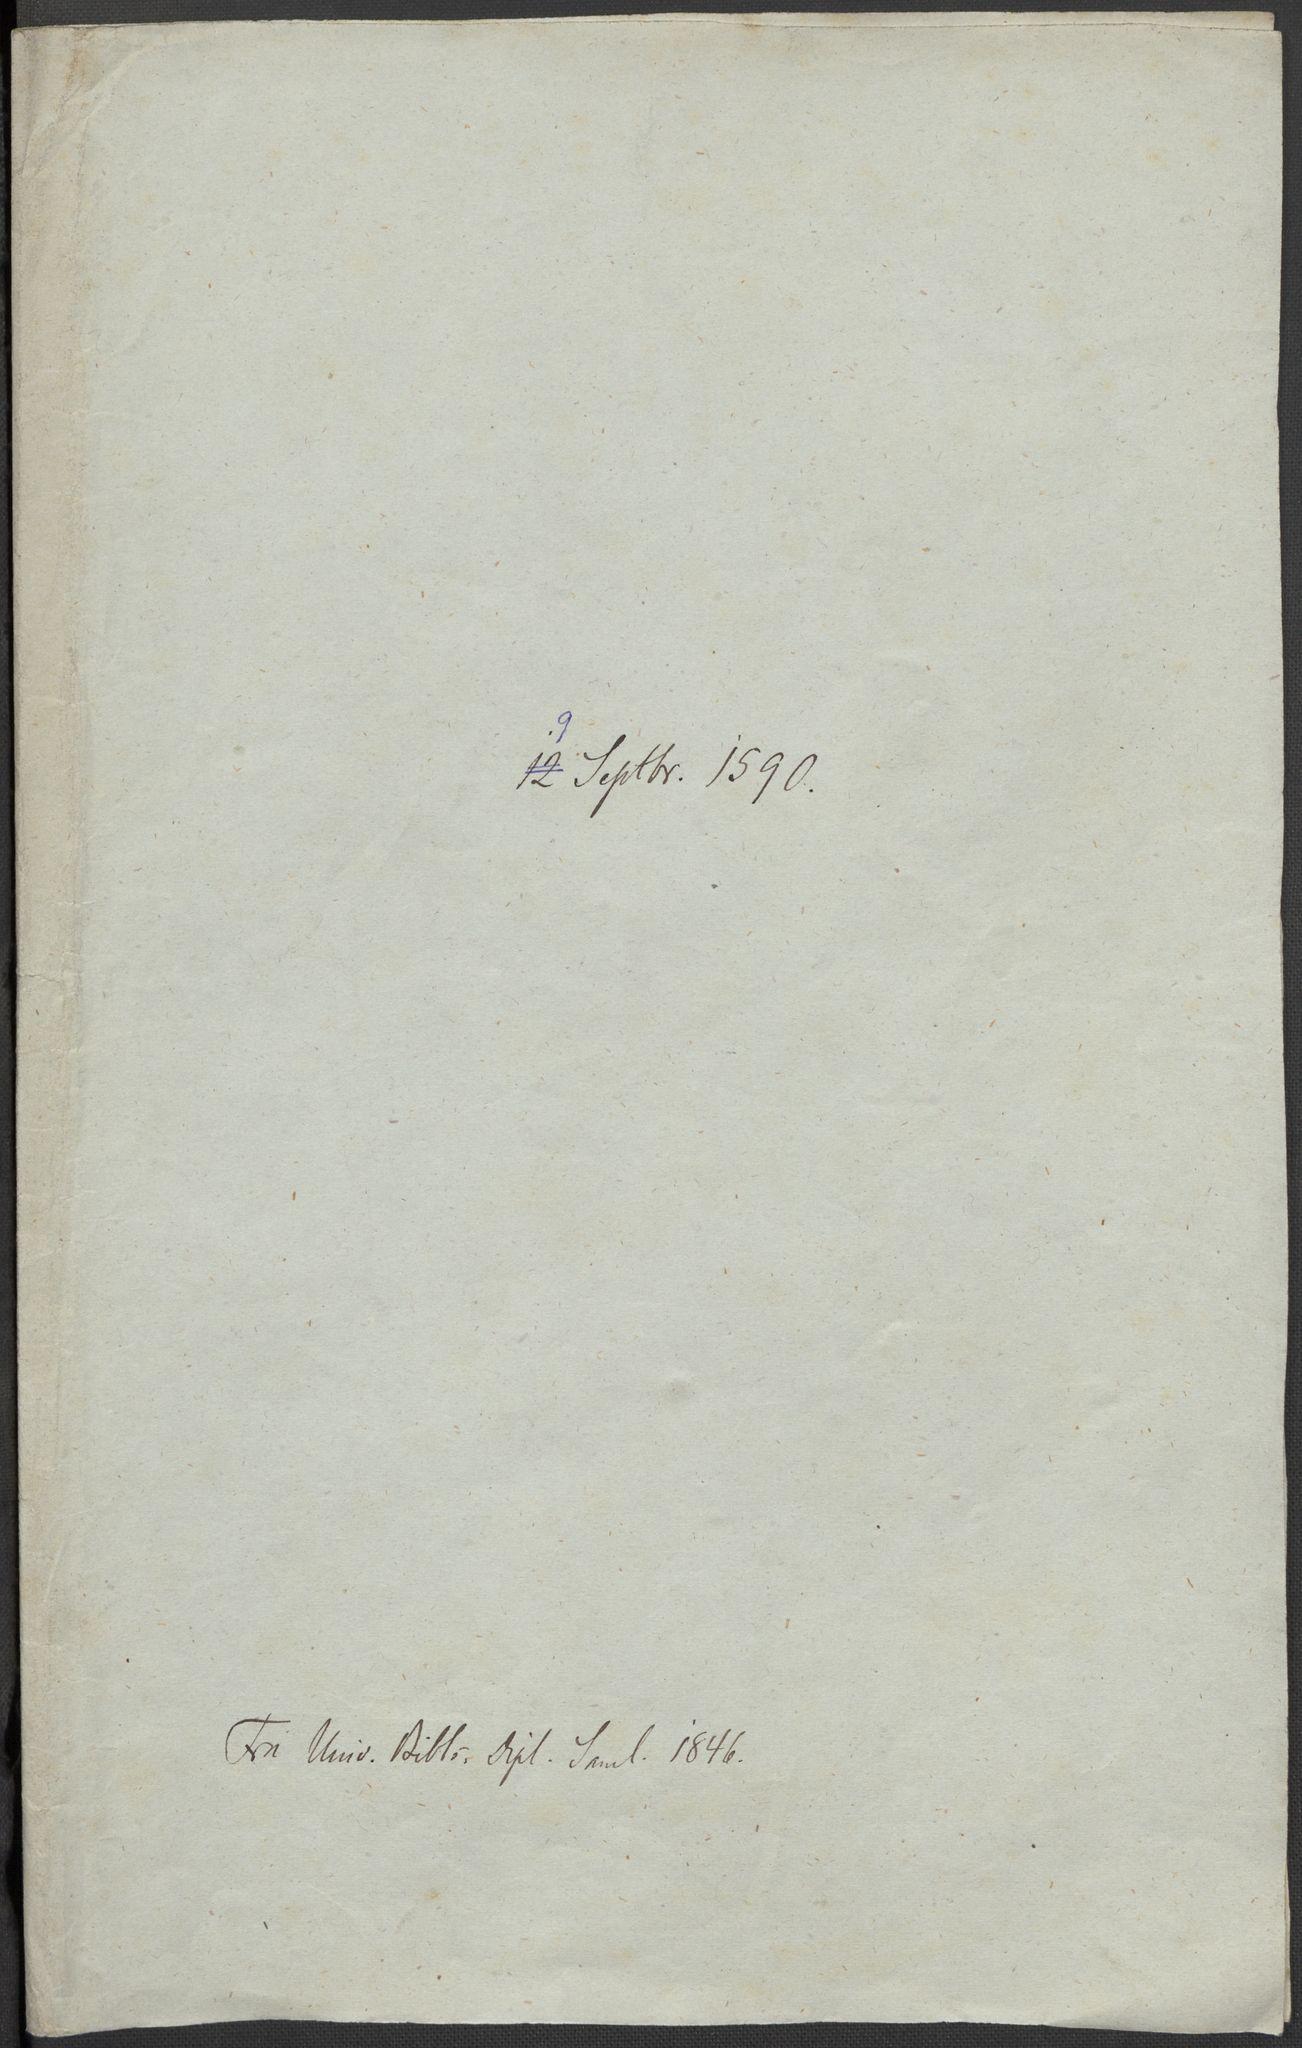 RA, Riksarkivets diplomsamling, F02/L0092: Dokumenter, 1590, s. 6